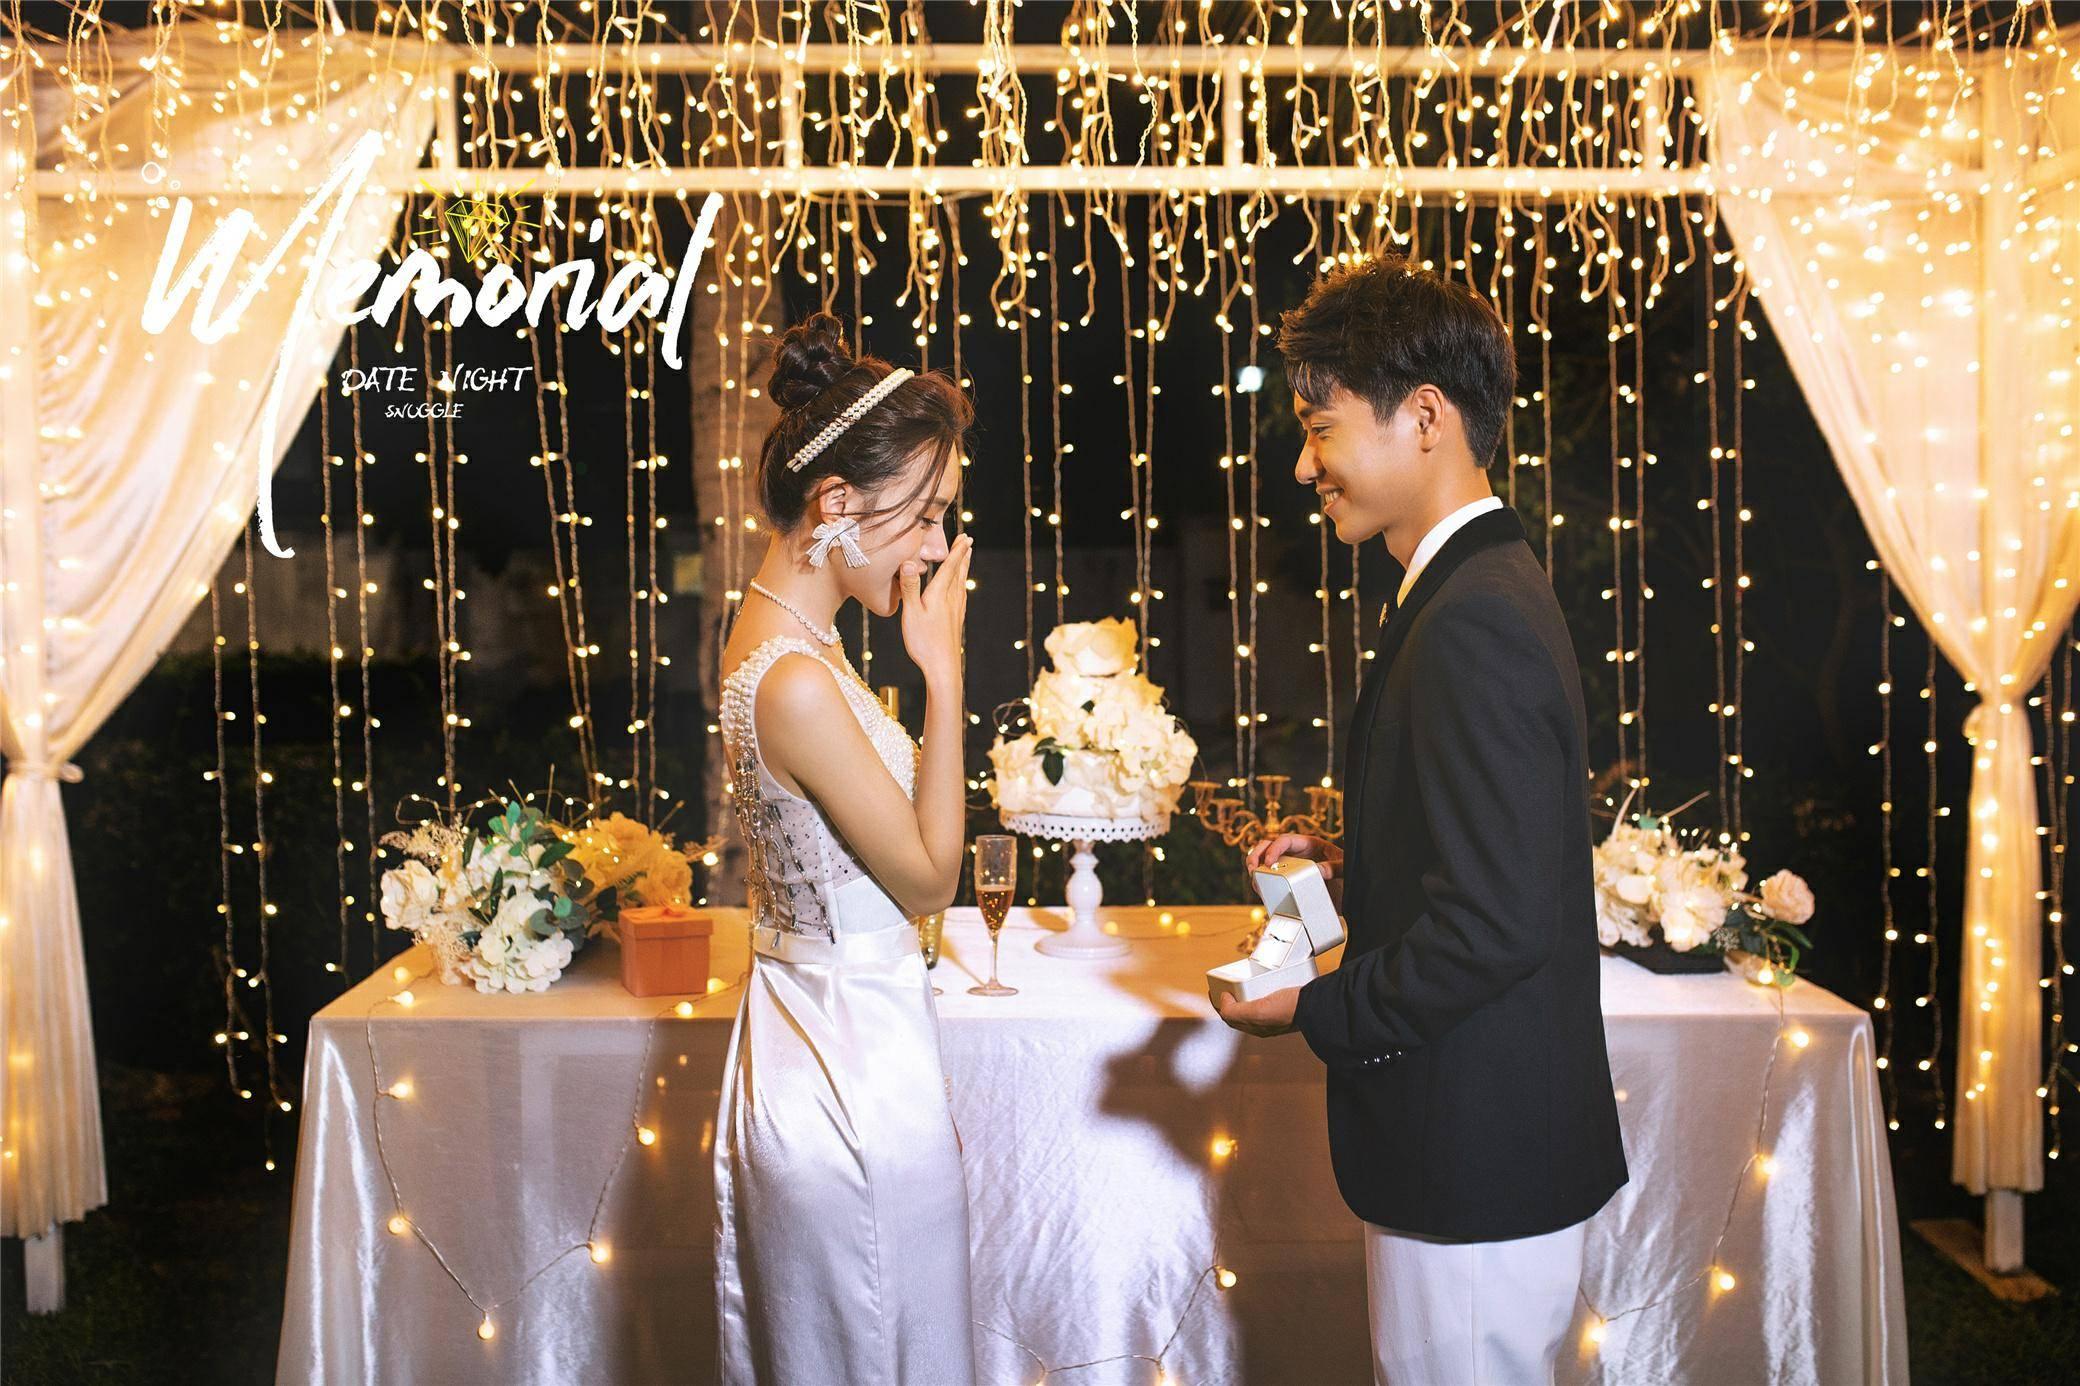 旅拍新玩法!婚纱照十大风格超火的夜景婚纱照的正确打开方式get